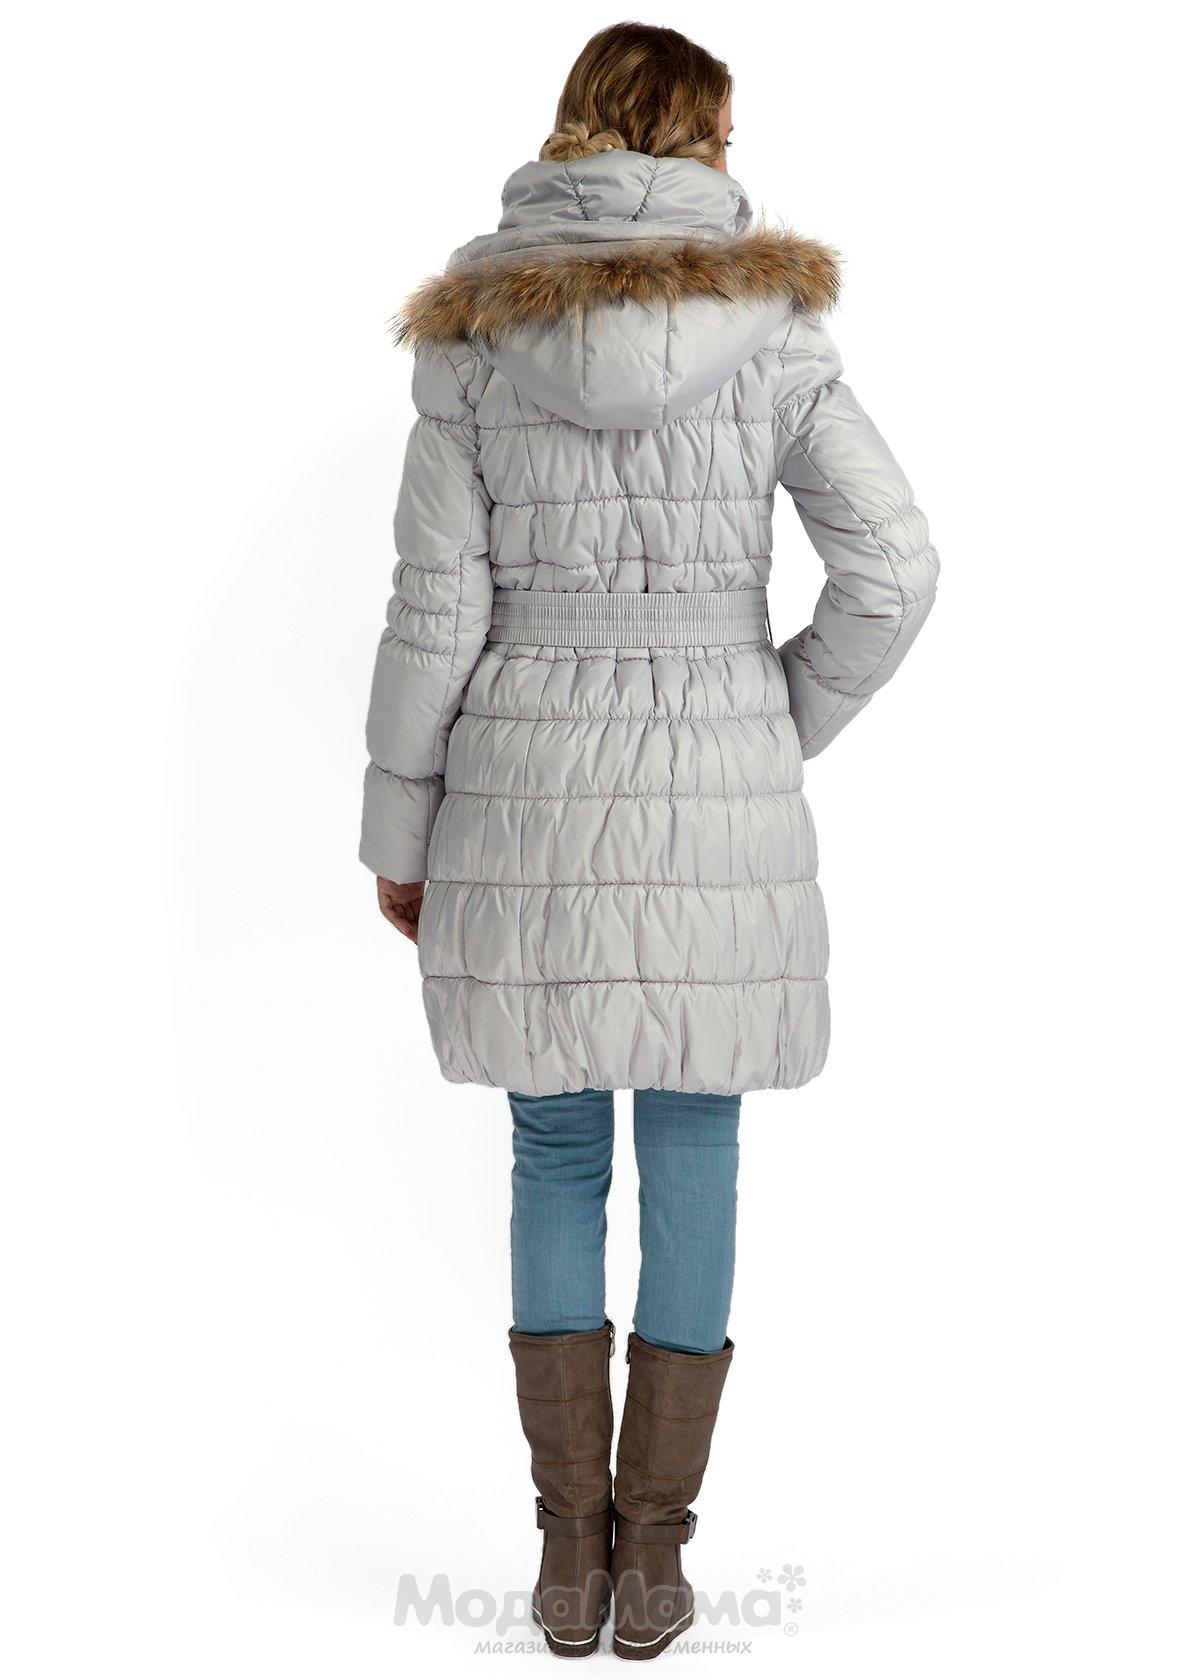 Купить недорого женскую одежду 62 размера